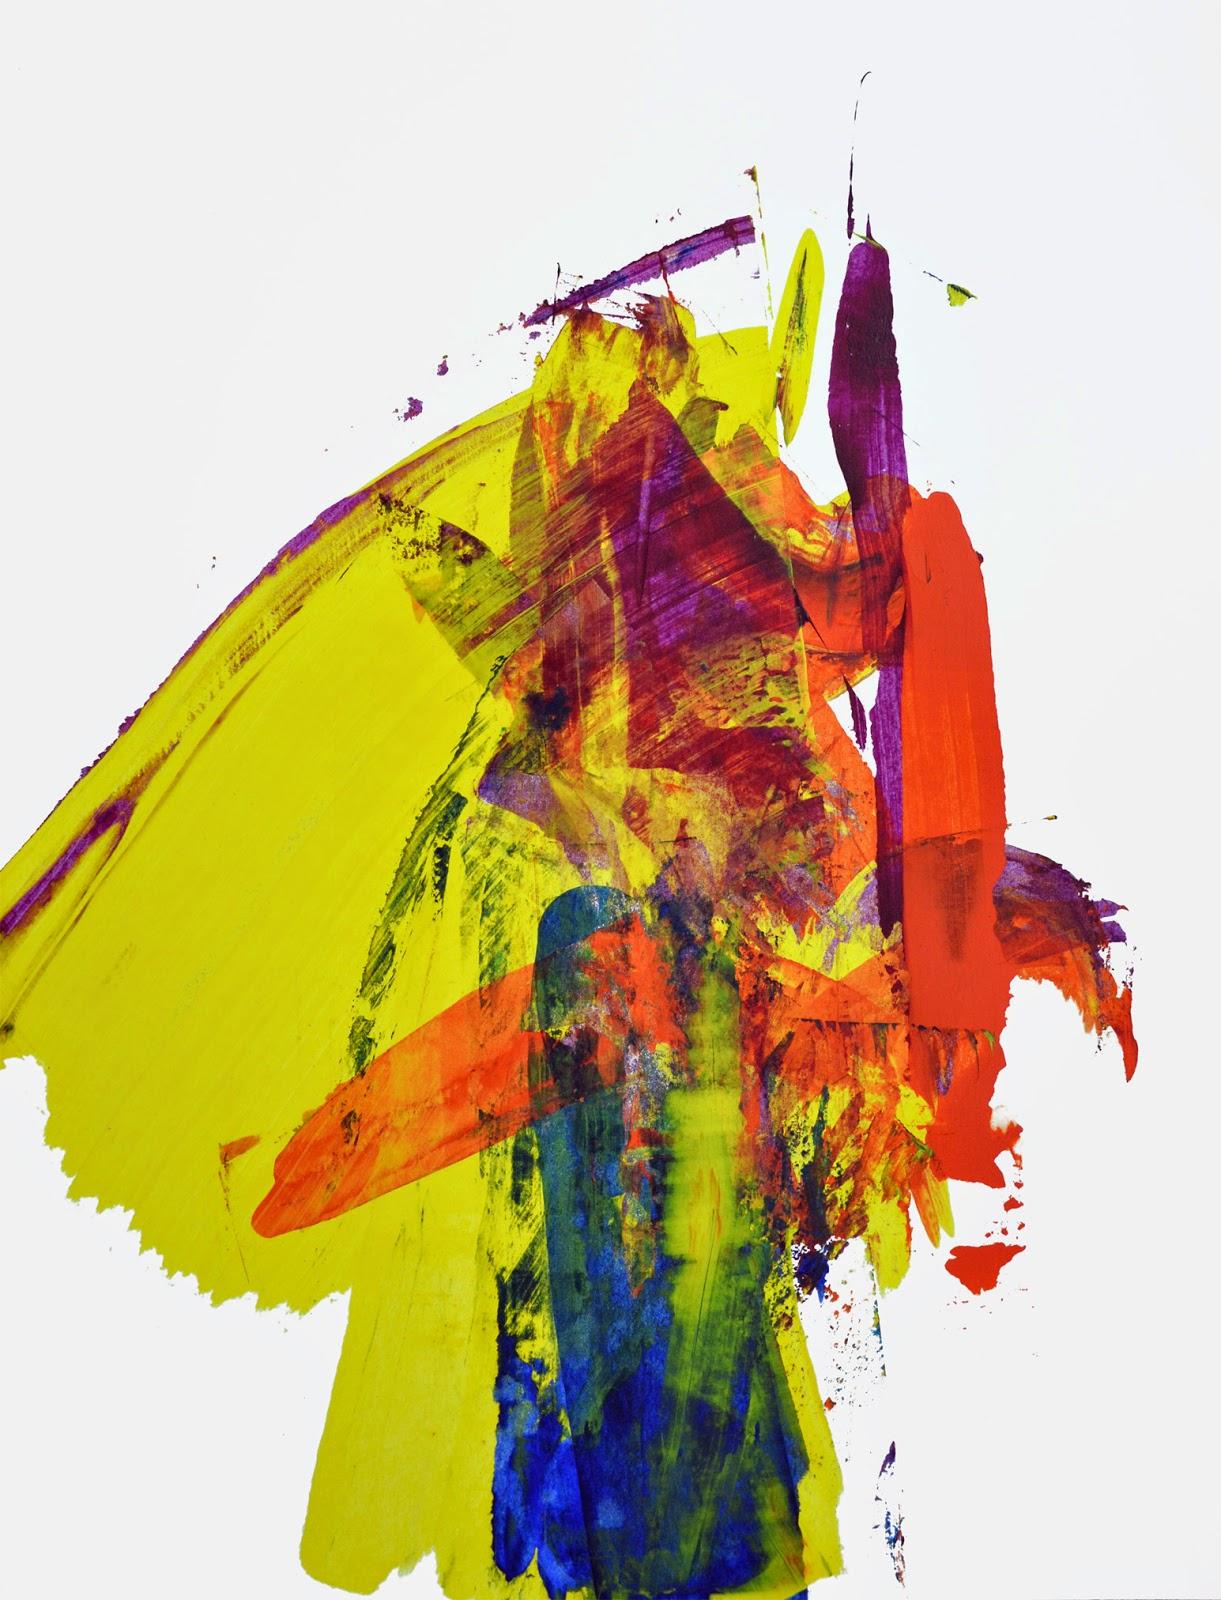 peinture acrylique sur papier jbb